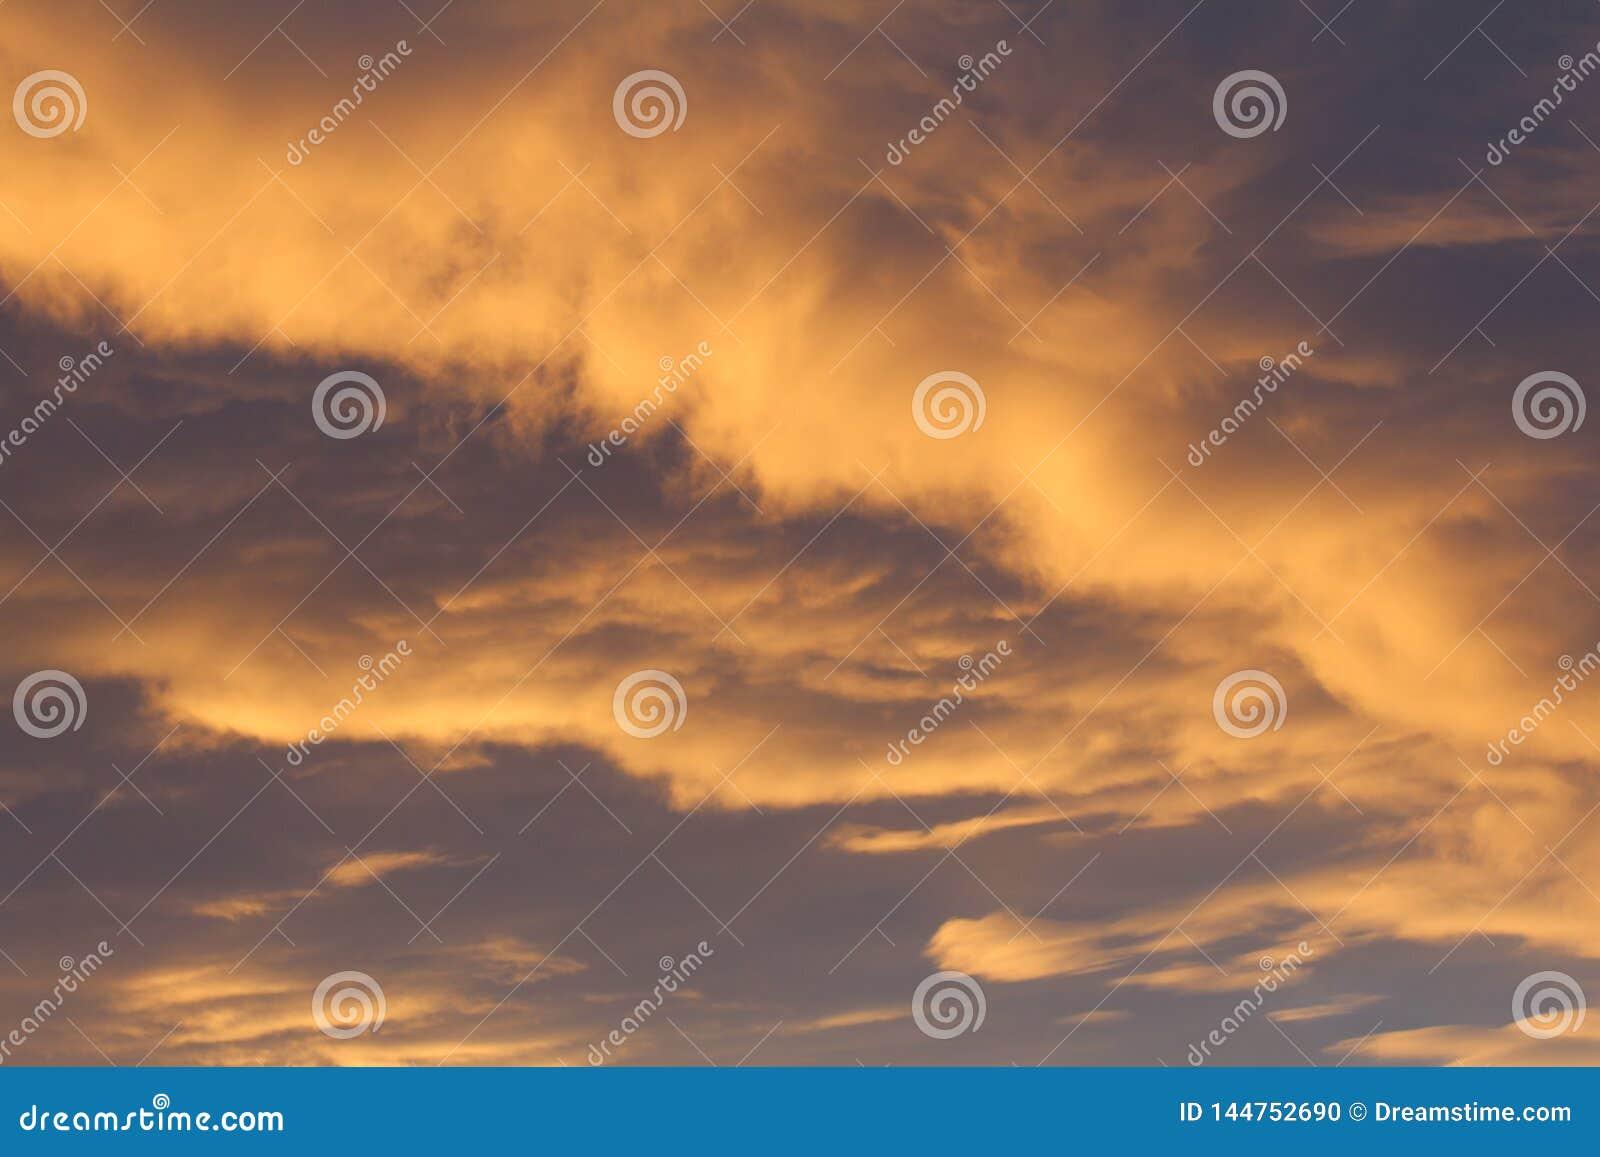 Niebo obłocznego pomarańczowego wieczór dnia lata popielata wiosna w górę